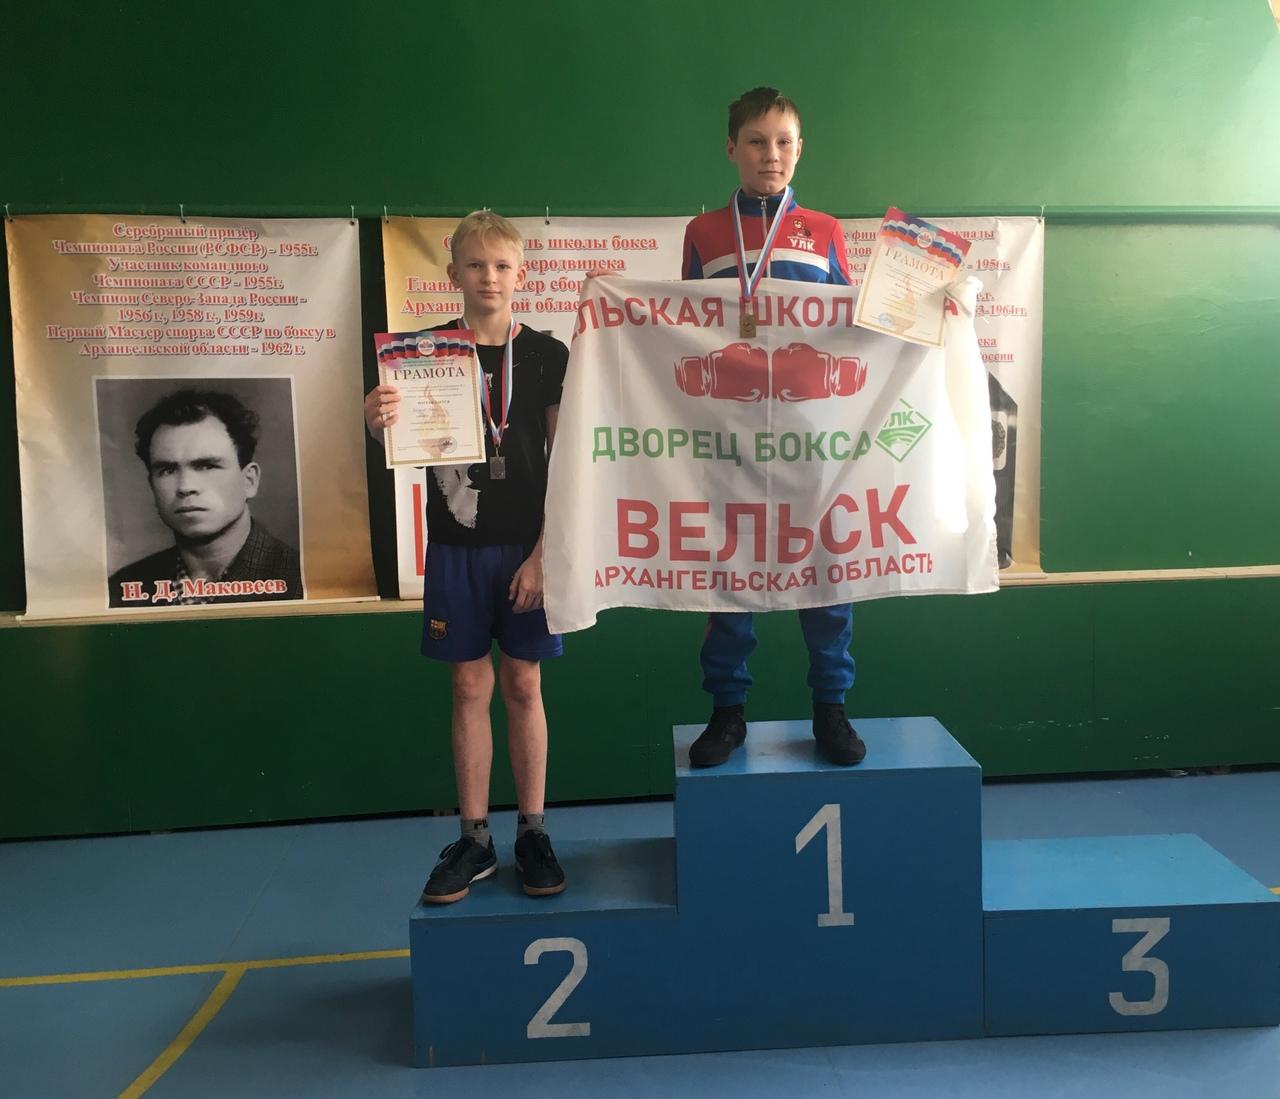 фото с чемпионата Архангельской области по боксу 2021_7